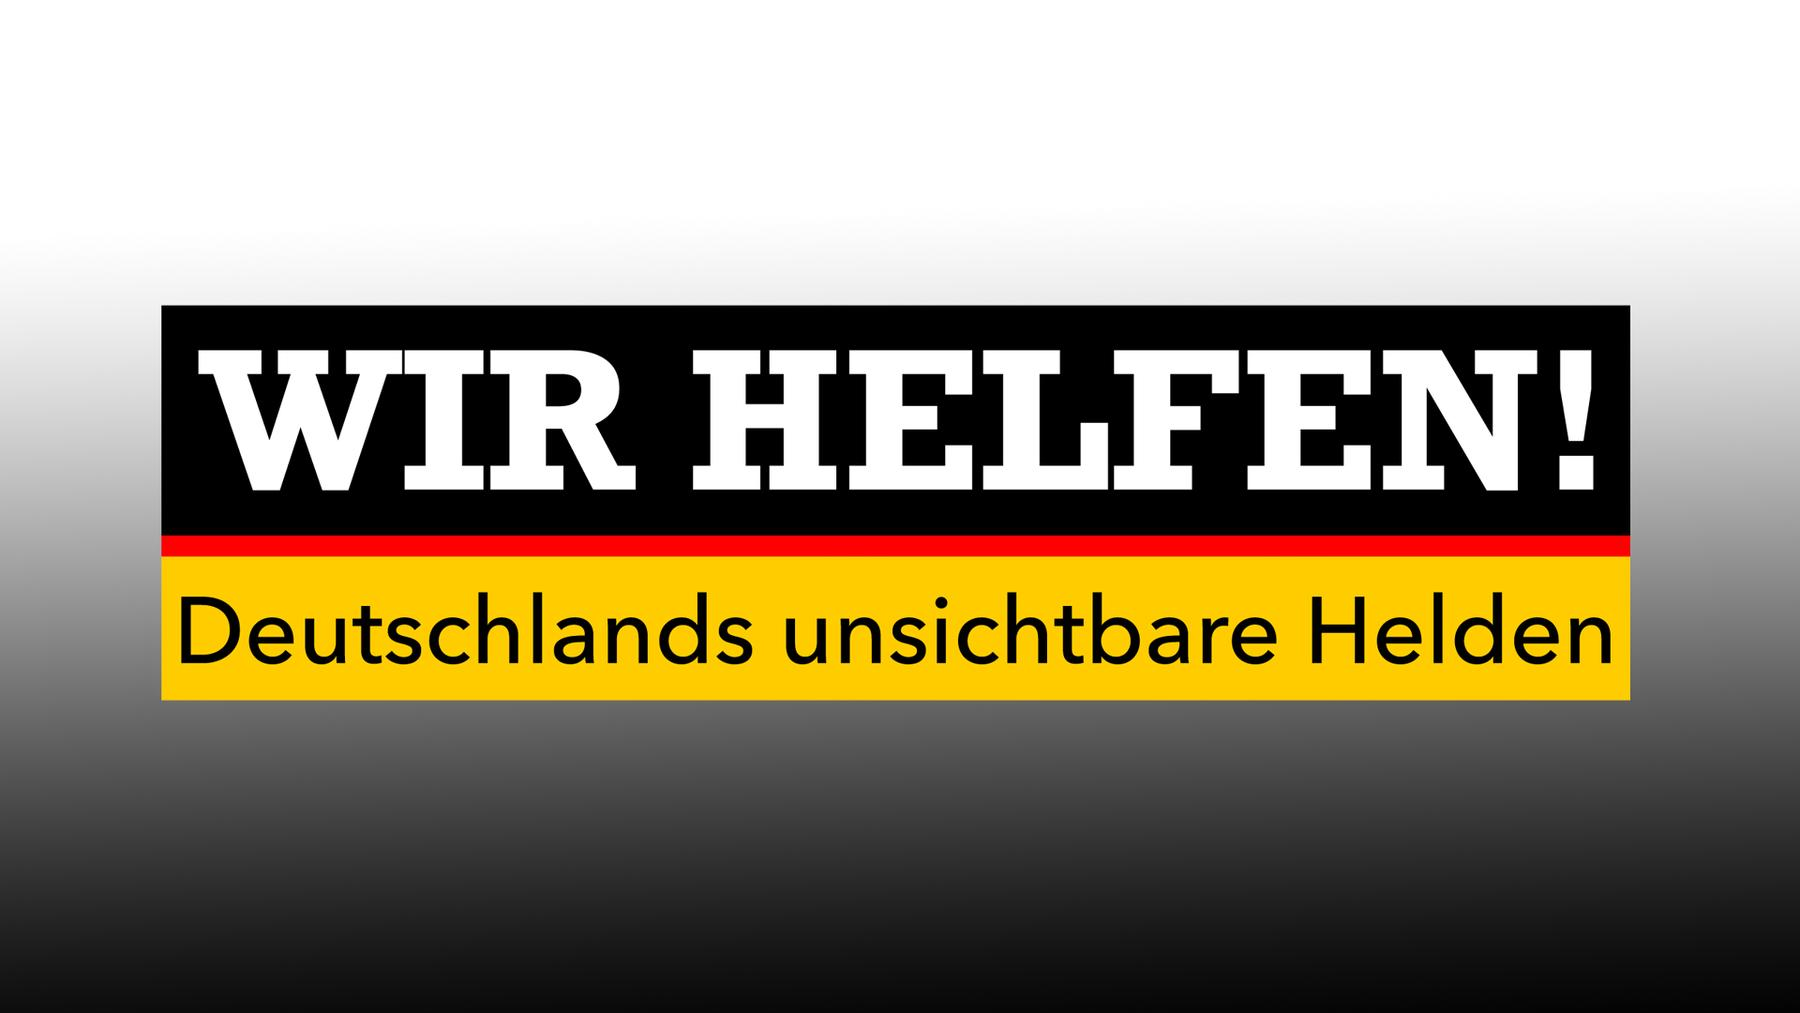 Wir helfen! Deutschlands unsichtbare Helden